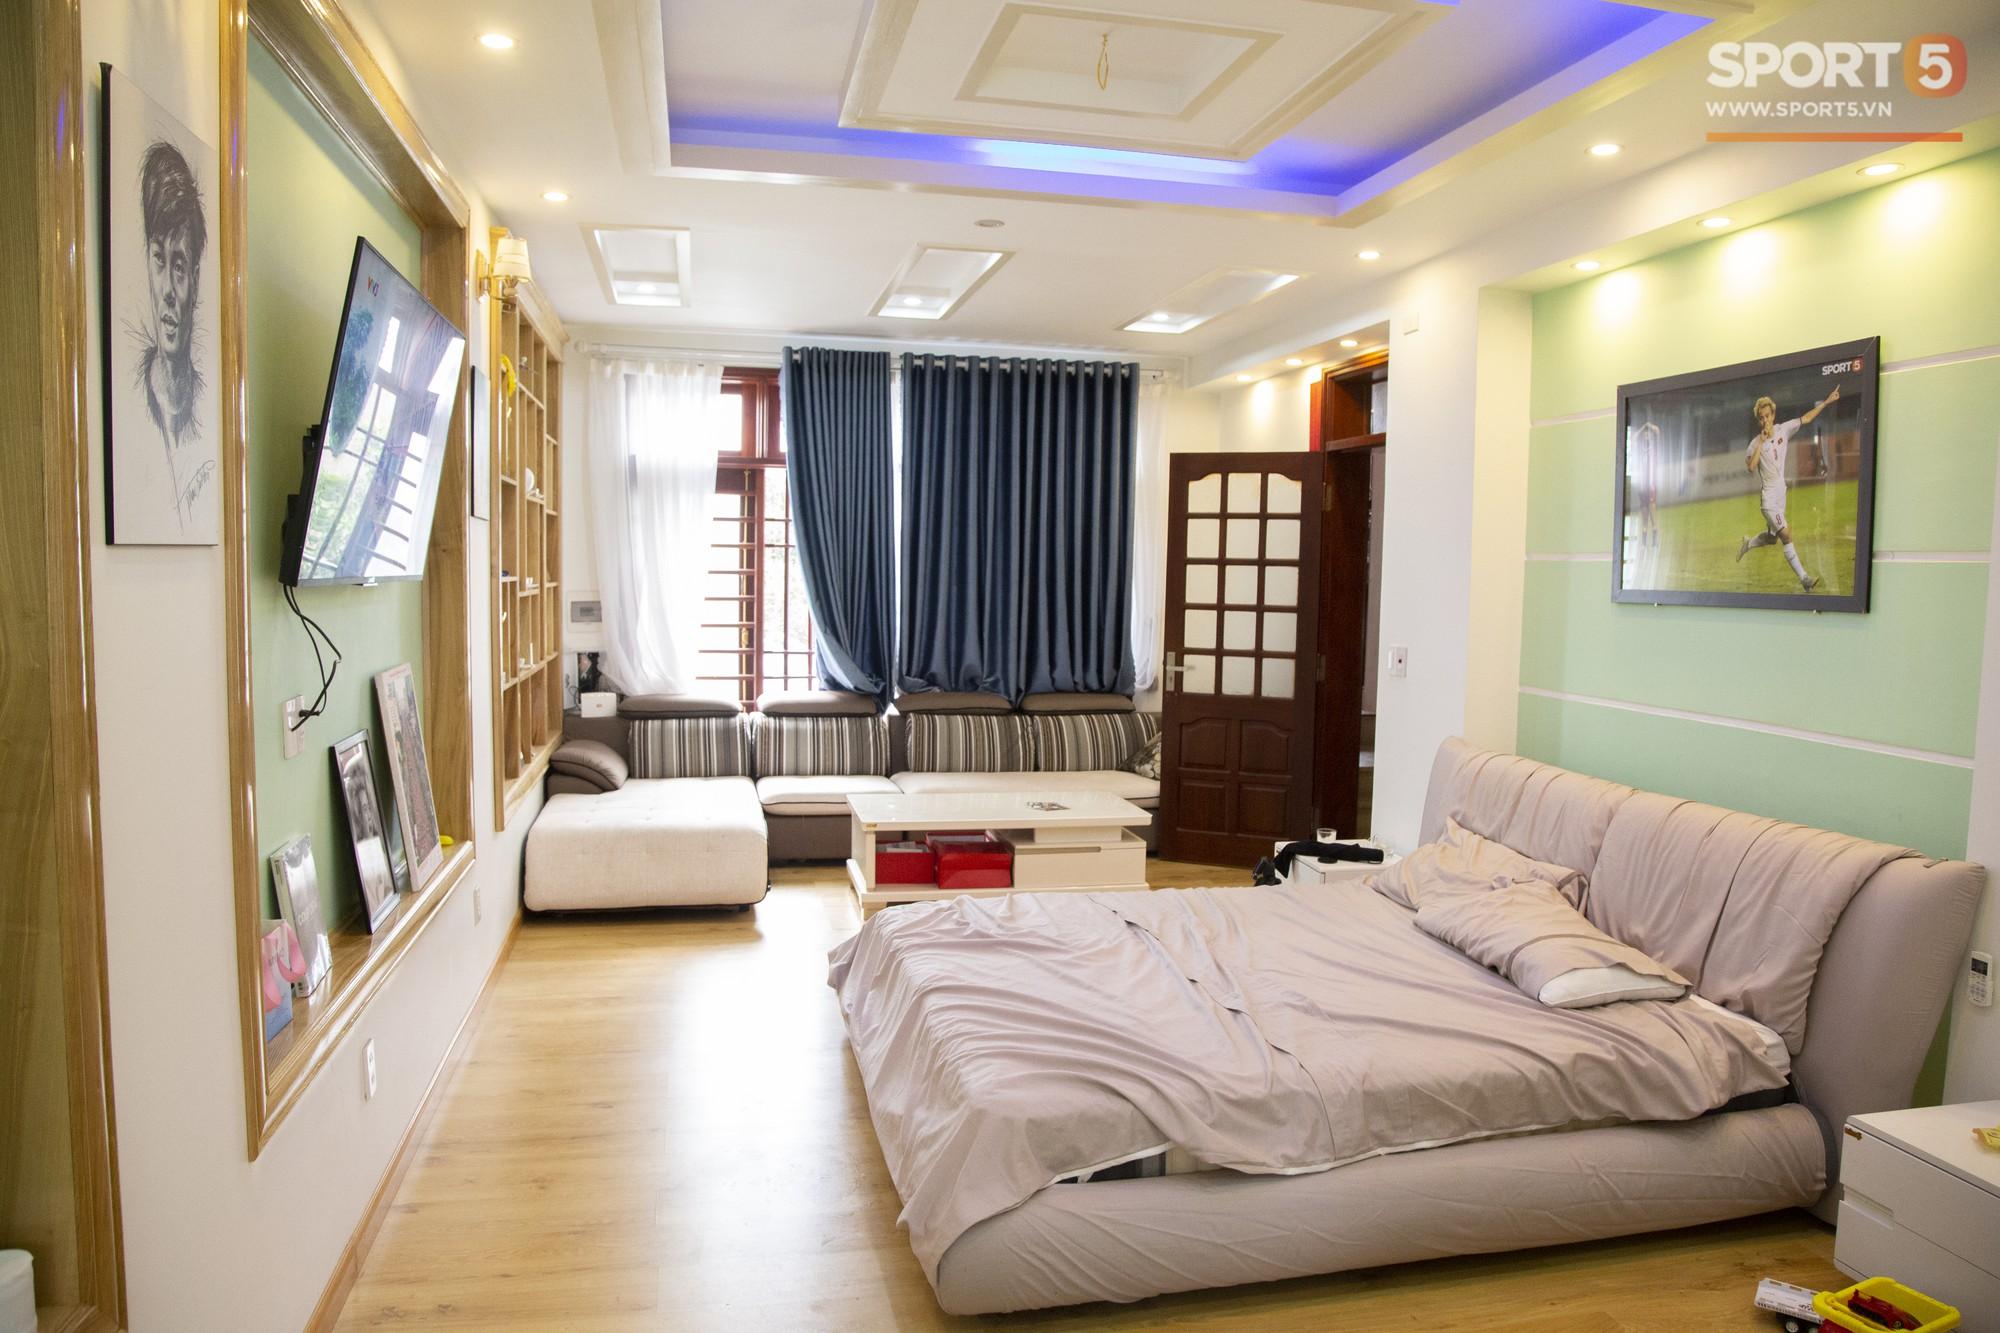 Các fan Big Bang lại được dịp yêu Văn Toàn hơn nữa khi nhìn thấy thứ này trong phòng ngủ của anh - Ảnh 7.